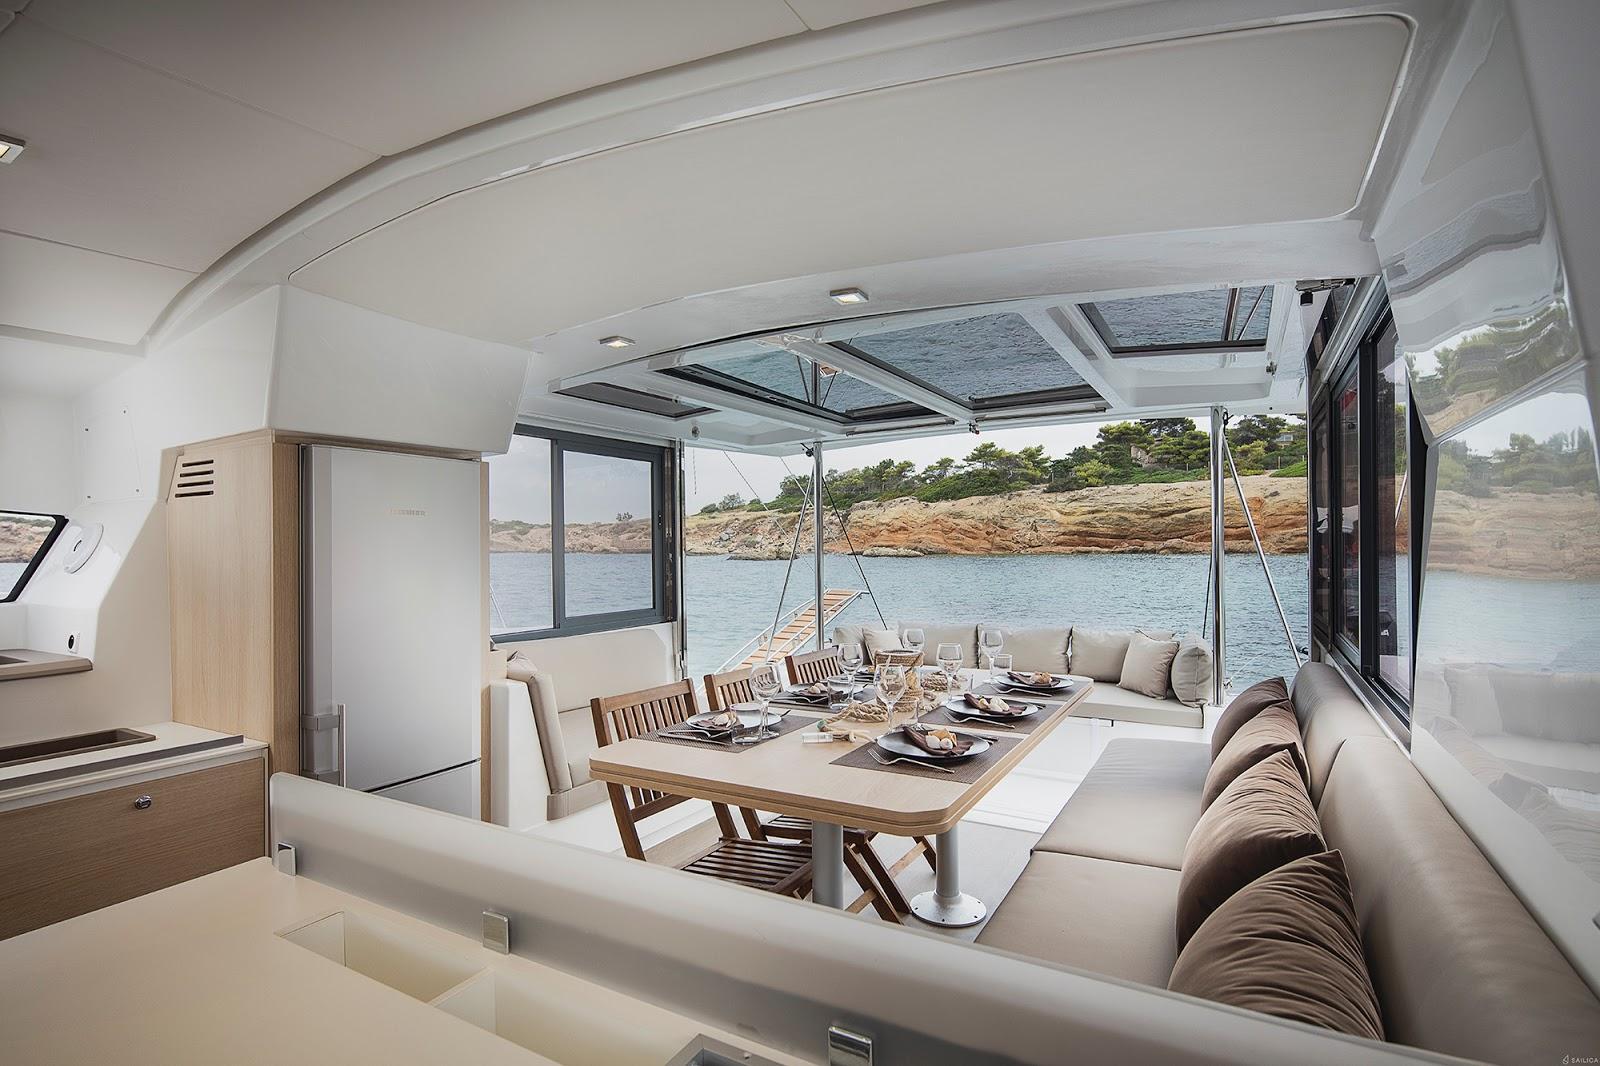 Kitchen on the Sunreef 50 Catamaran